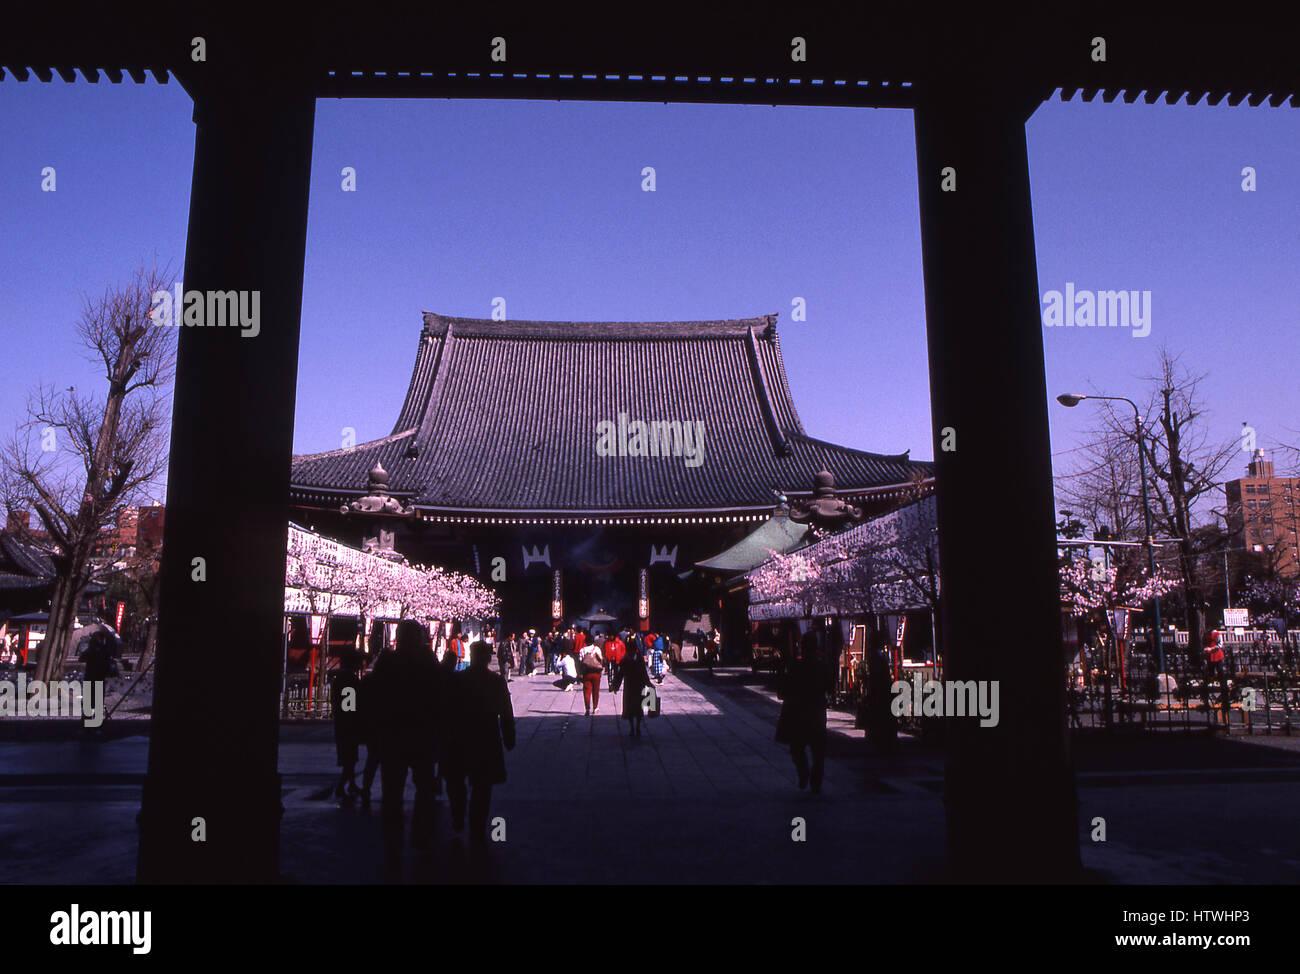 Vista del Tempio di Asakusa Kanon tempio nella sezione di Asakusa di Tokyo, Giappone. Esso è il più antico Immagini Stock